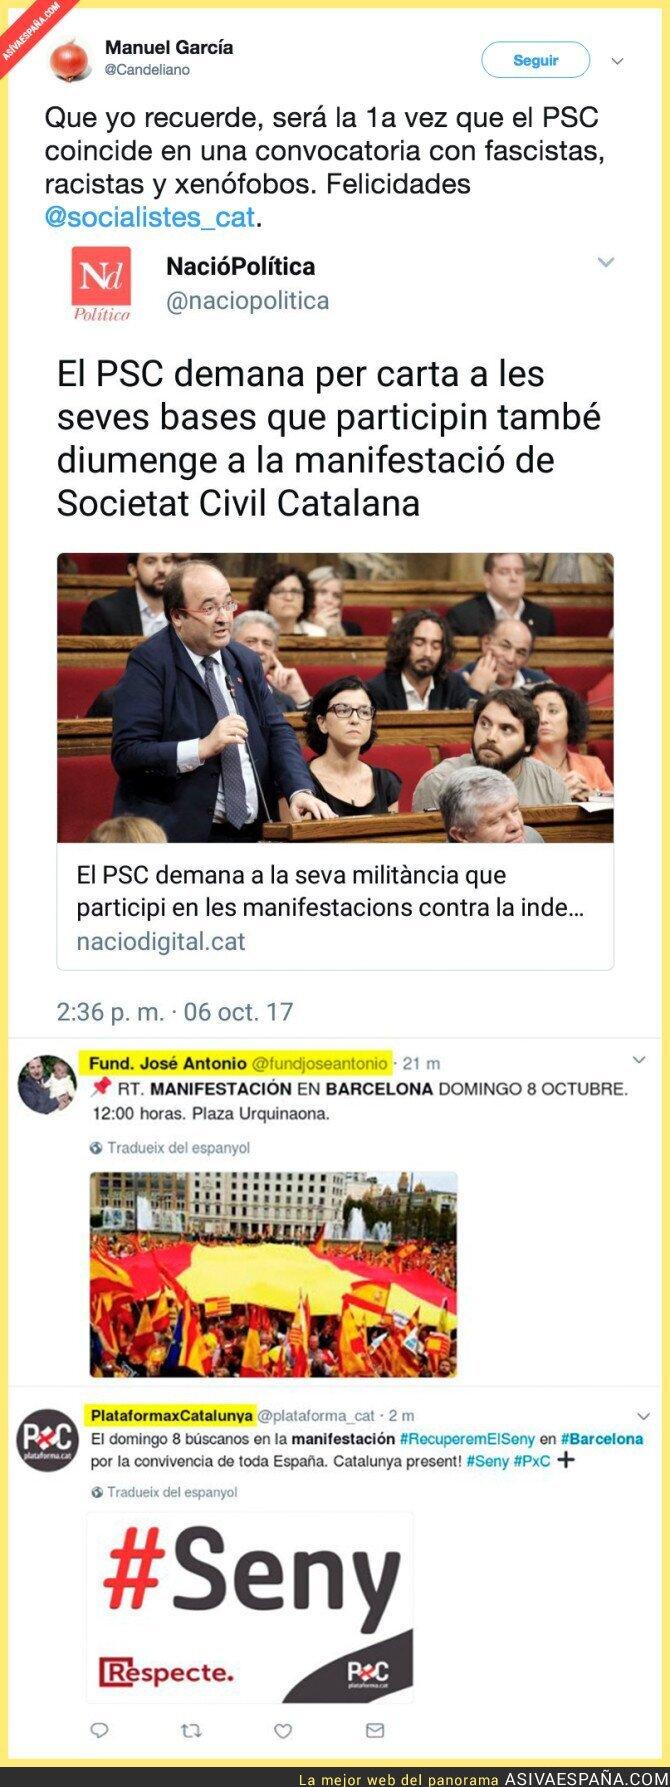 76538 - El PSOE se manifestará junto a la Falange y la Fundación Primo de Rivera en Barcelona